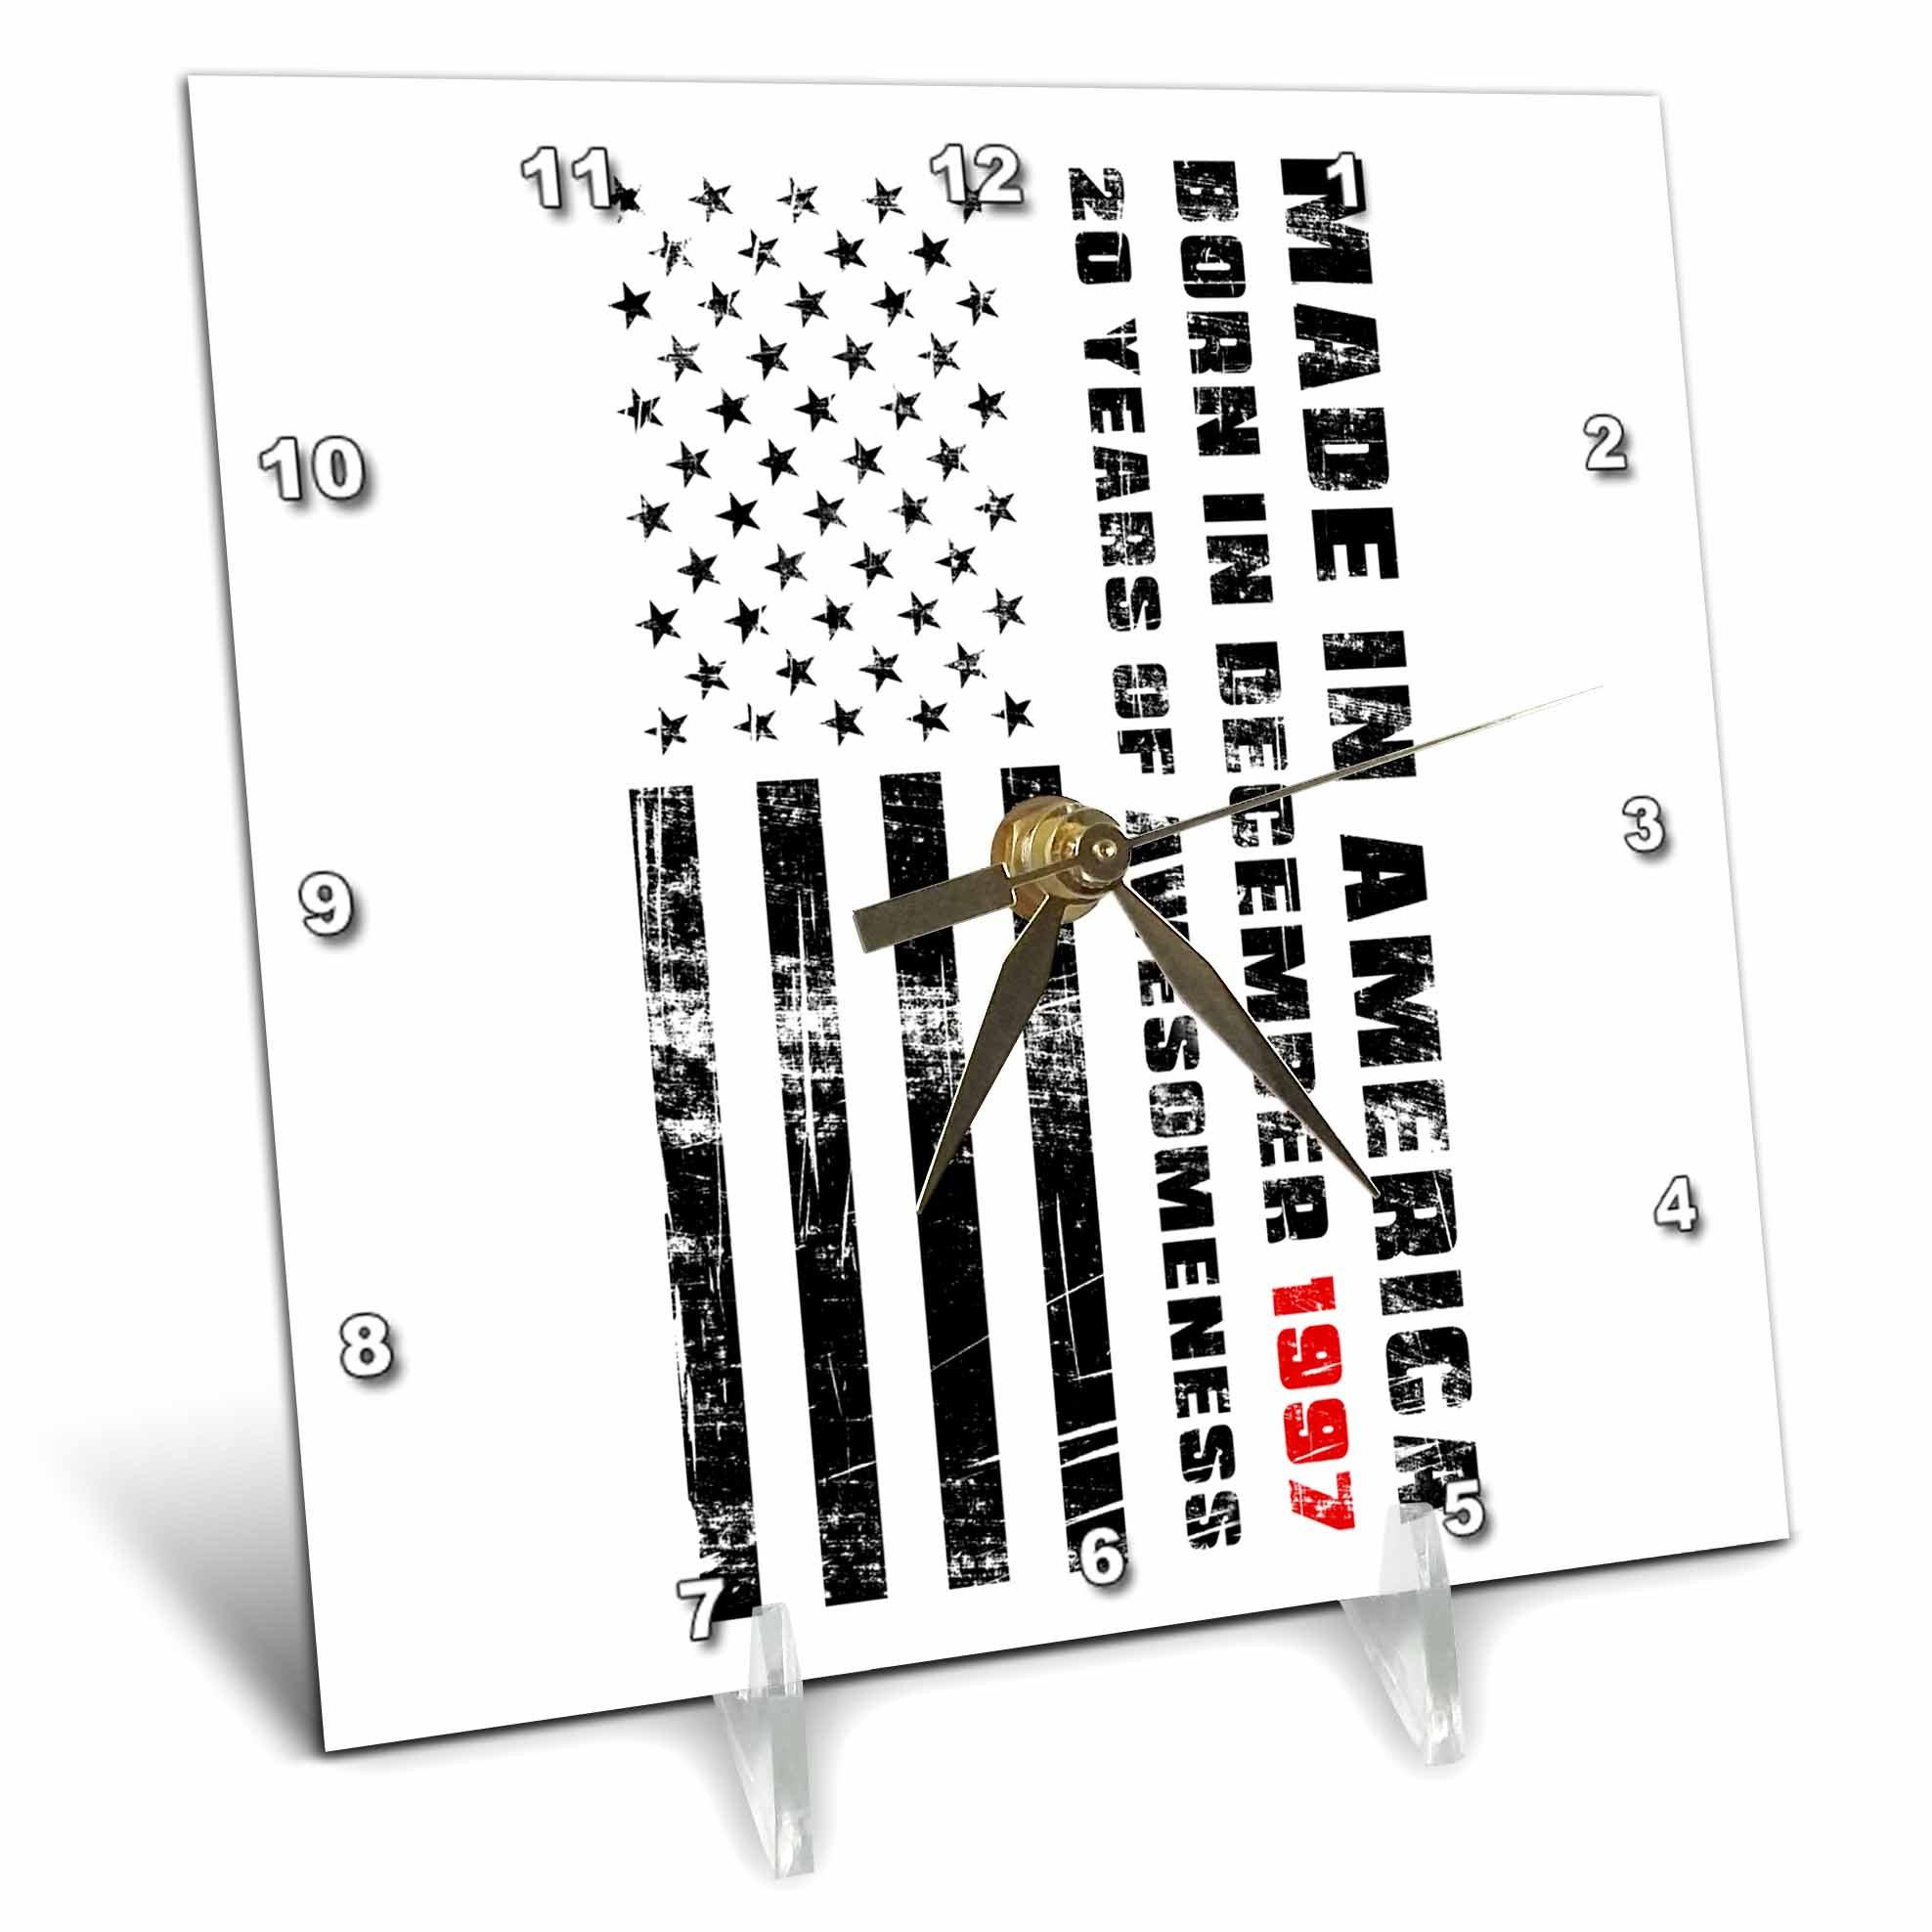 3dRose Carsten Reisinger - Illustrations - Made in America Born in December 1997 20 Years of Awesomeness Flag - 6x6 Desk Clock (dc_261171_1)